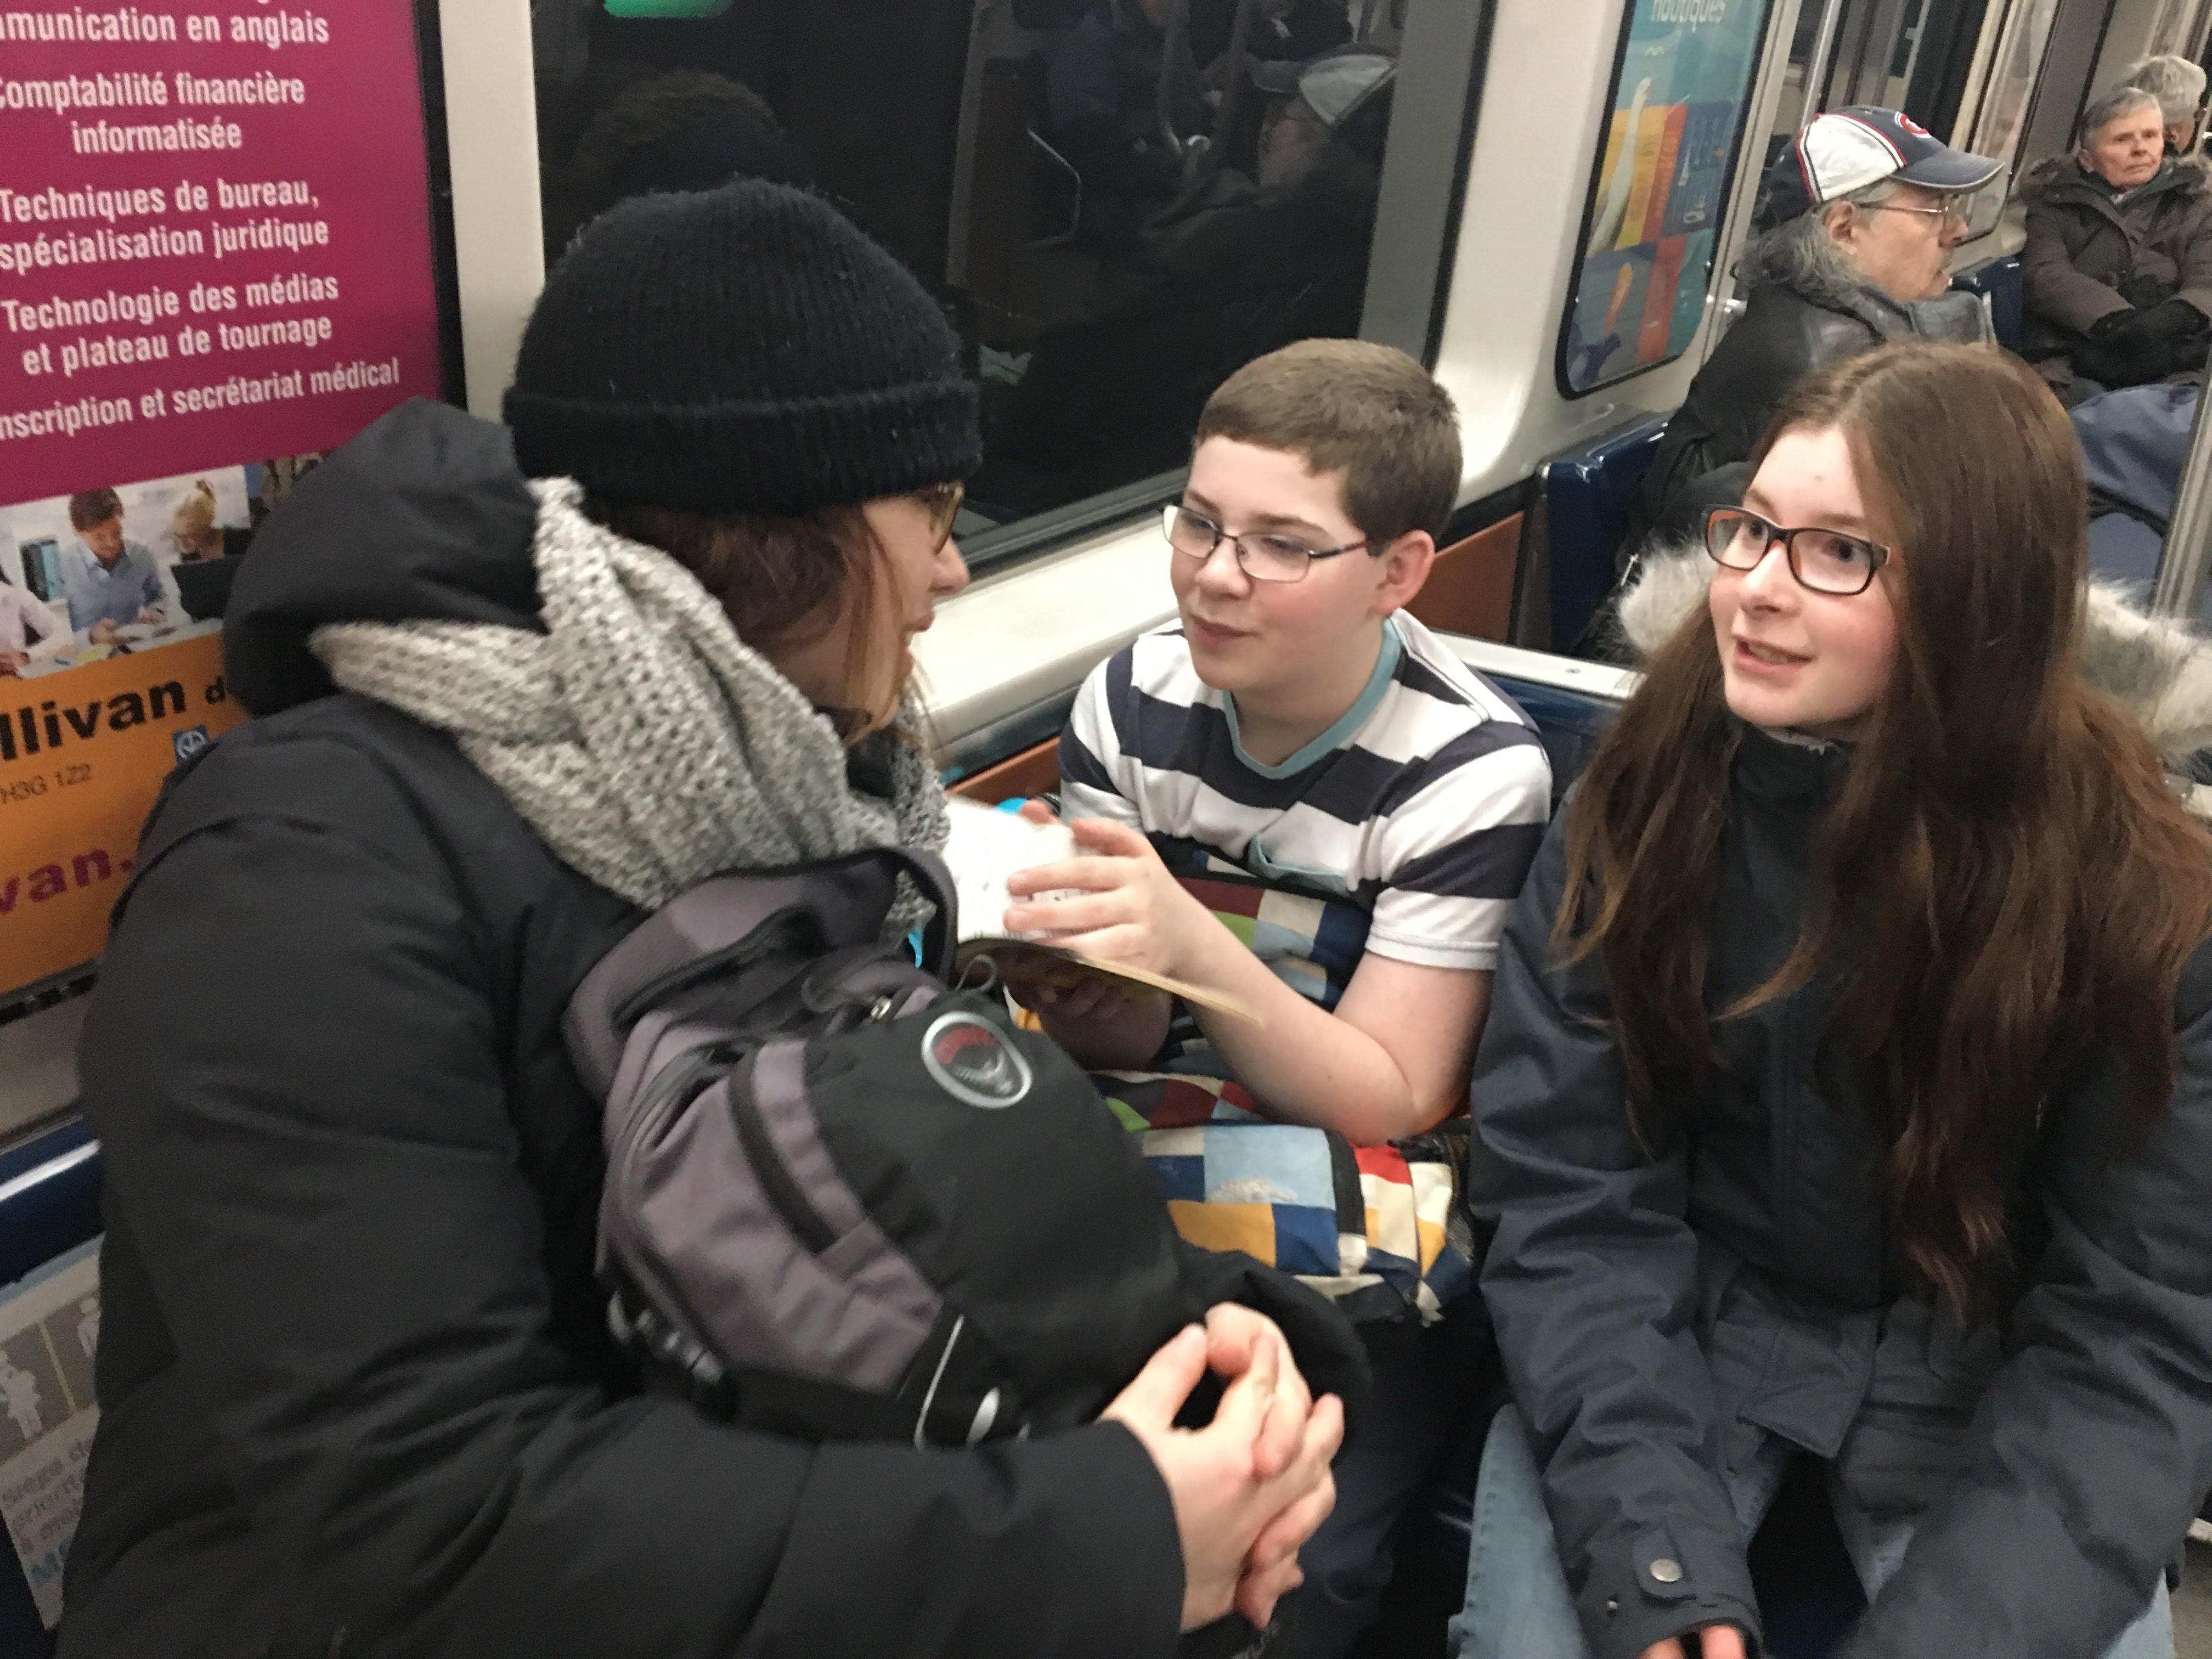 On s'amuse dans le métro!